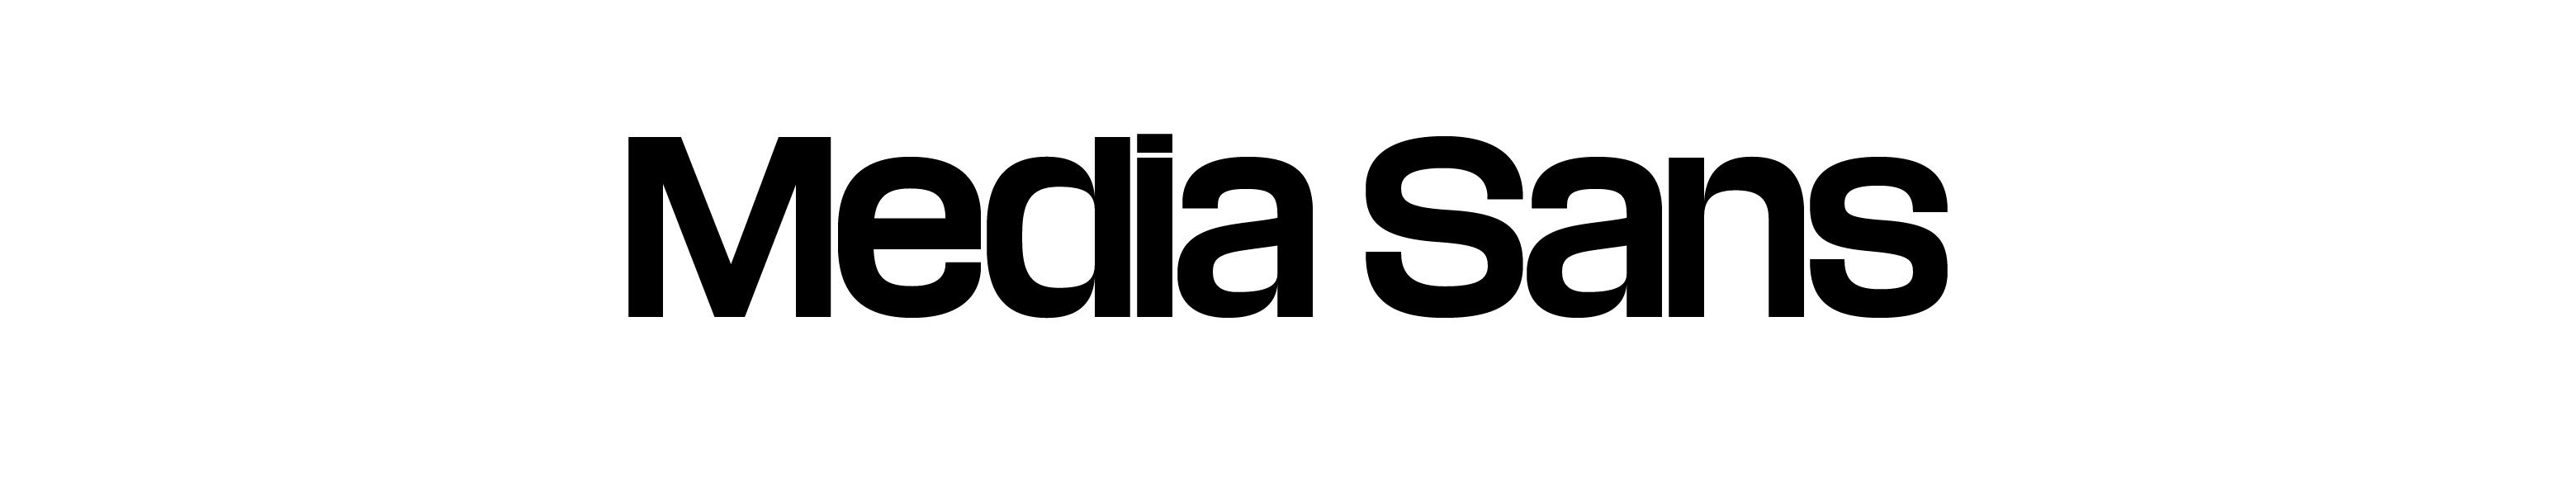 Media Sans